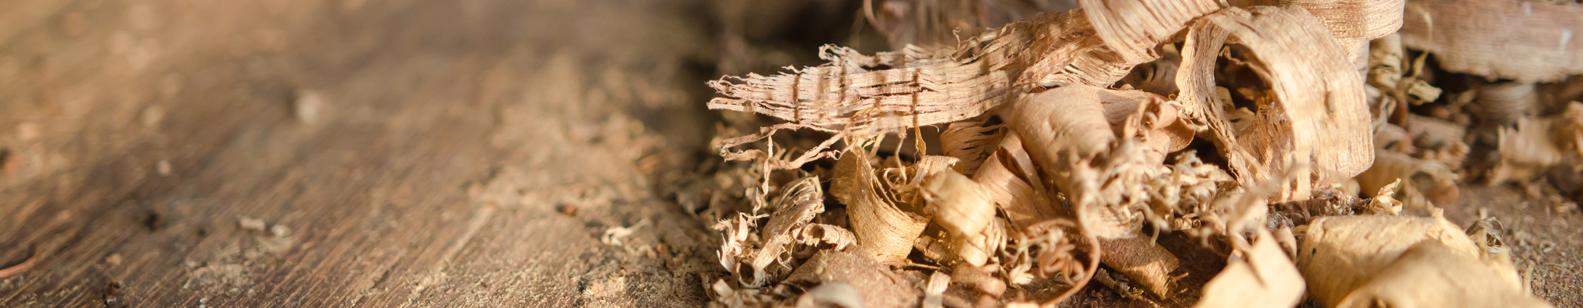 Pjuvenų siurbliai  Aukštos kokybės pjuvenų siurbliai